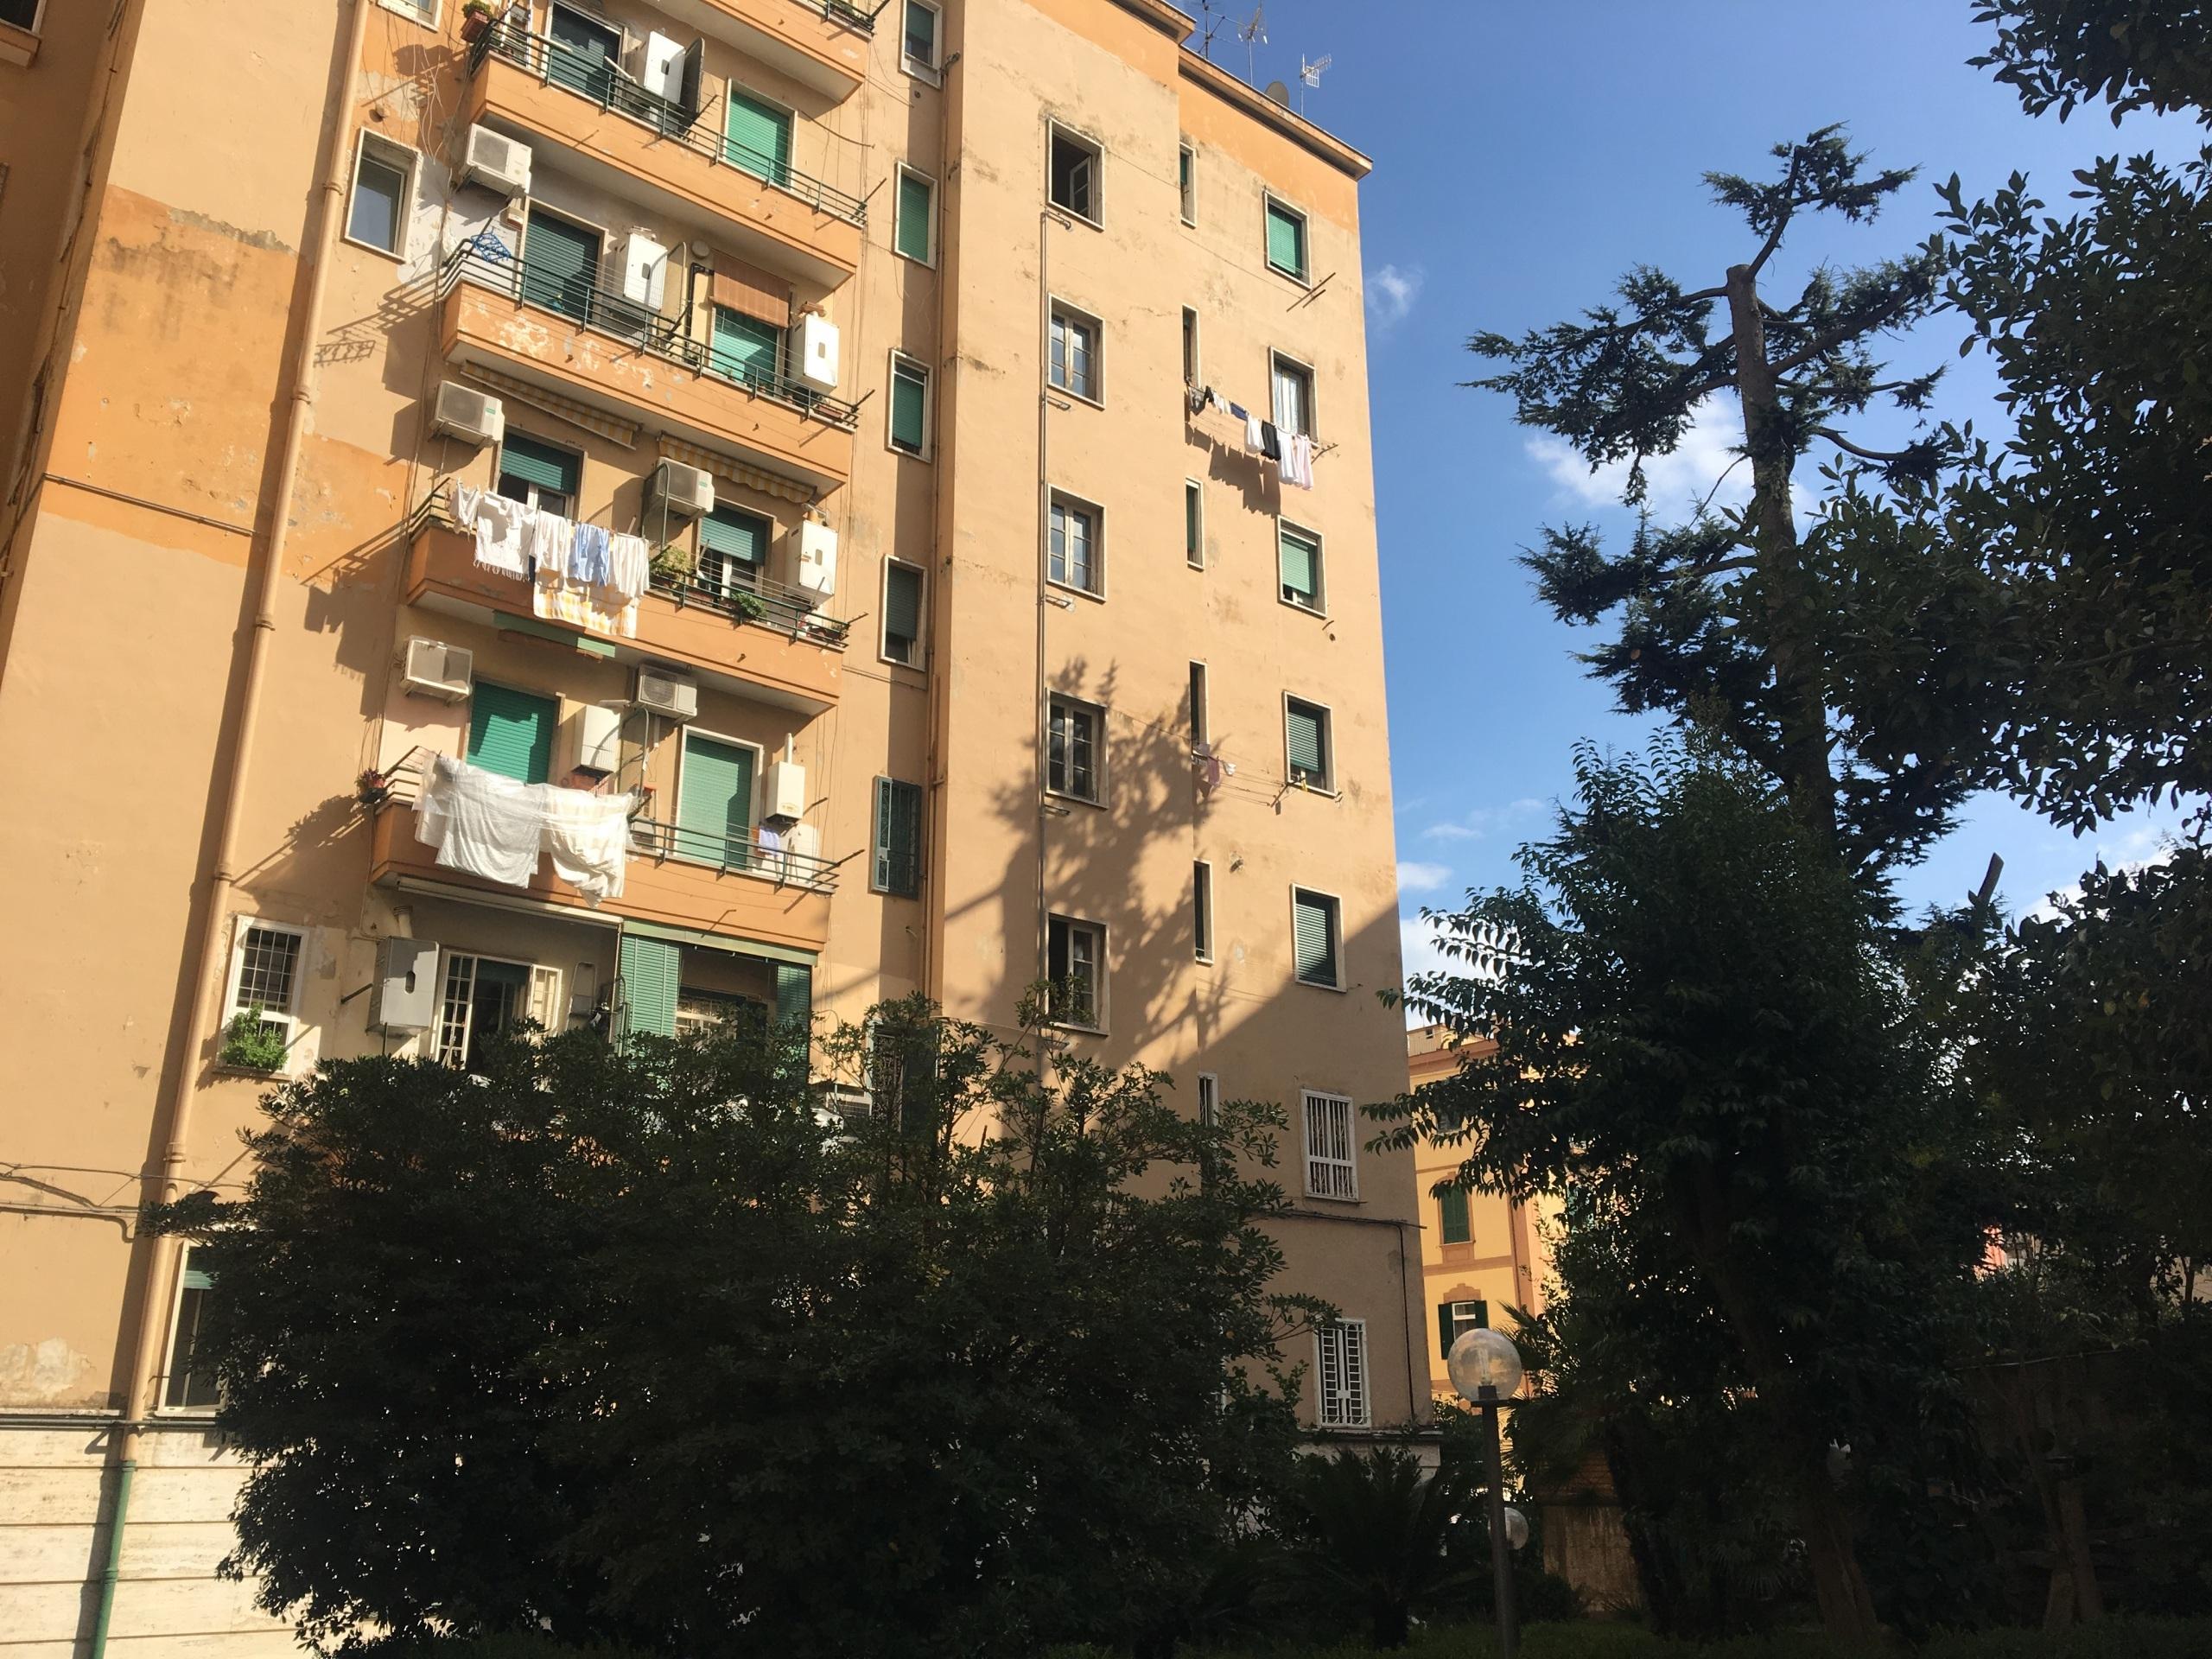 Appartamento bilocale in vendita napoli vomero annunci for Case in vendita napoli